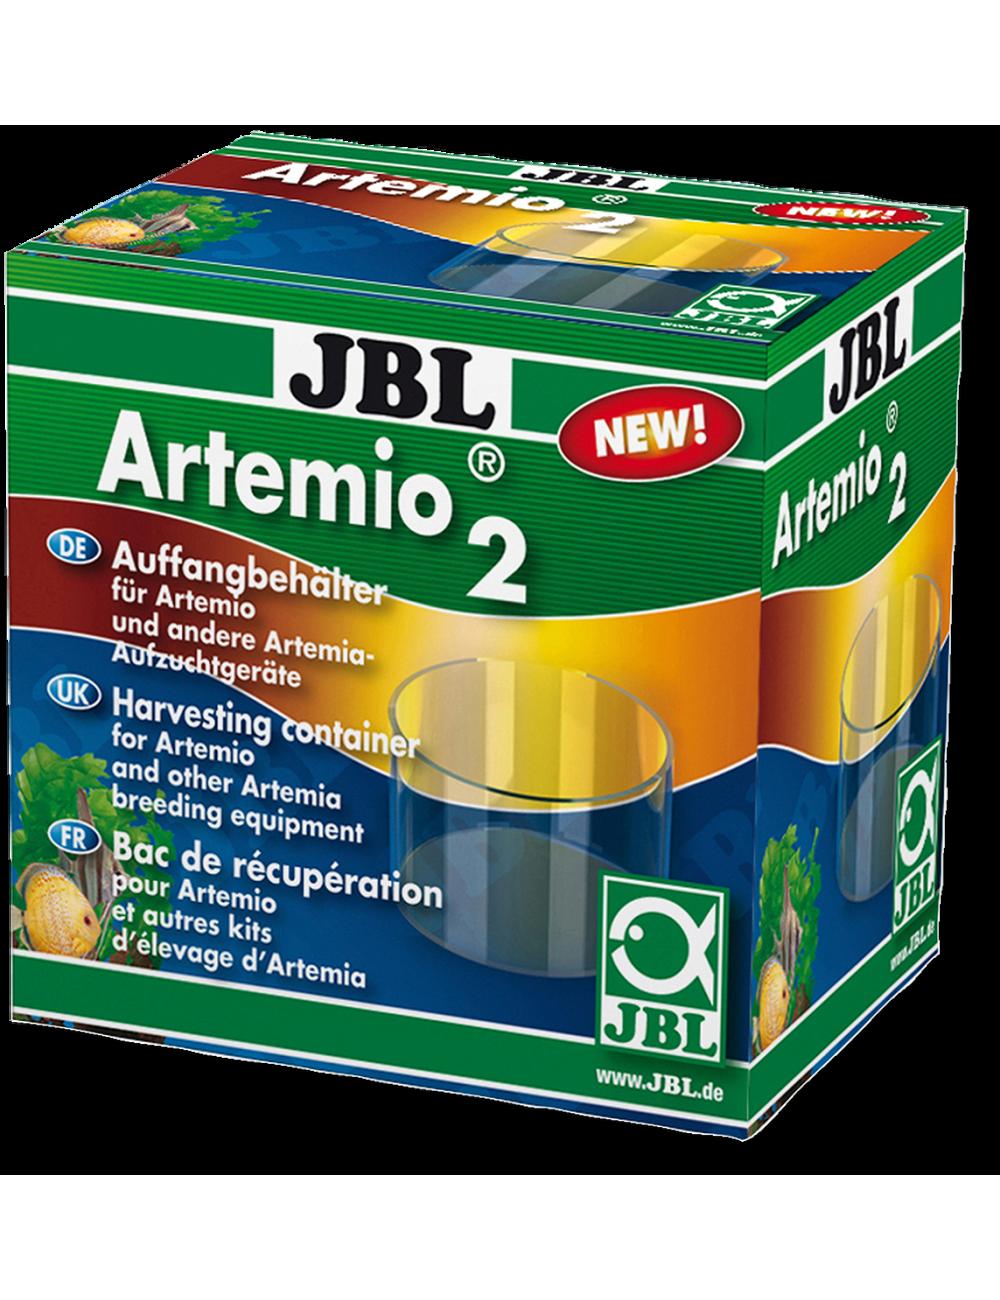 JBL - Artemio 2 - Récipient de récolte